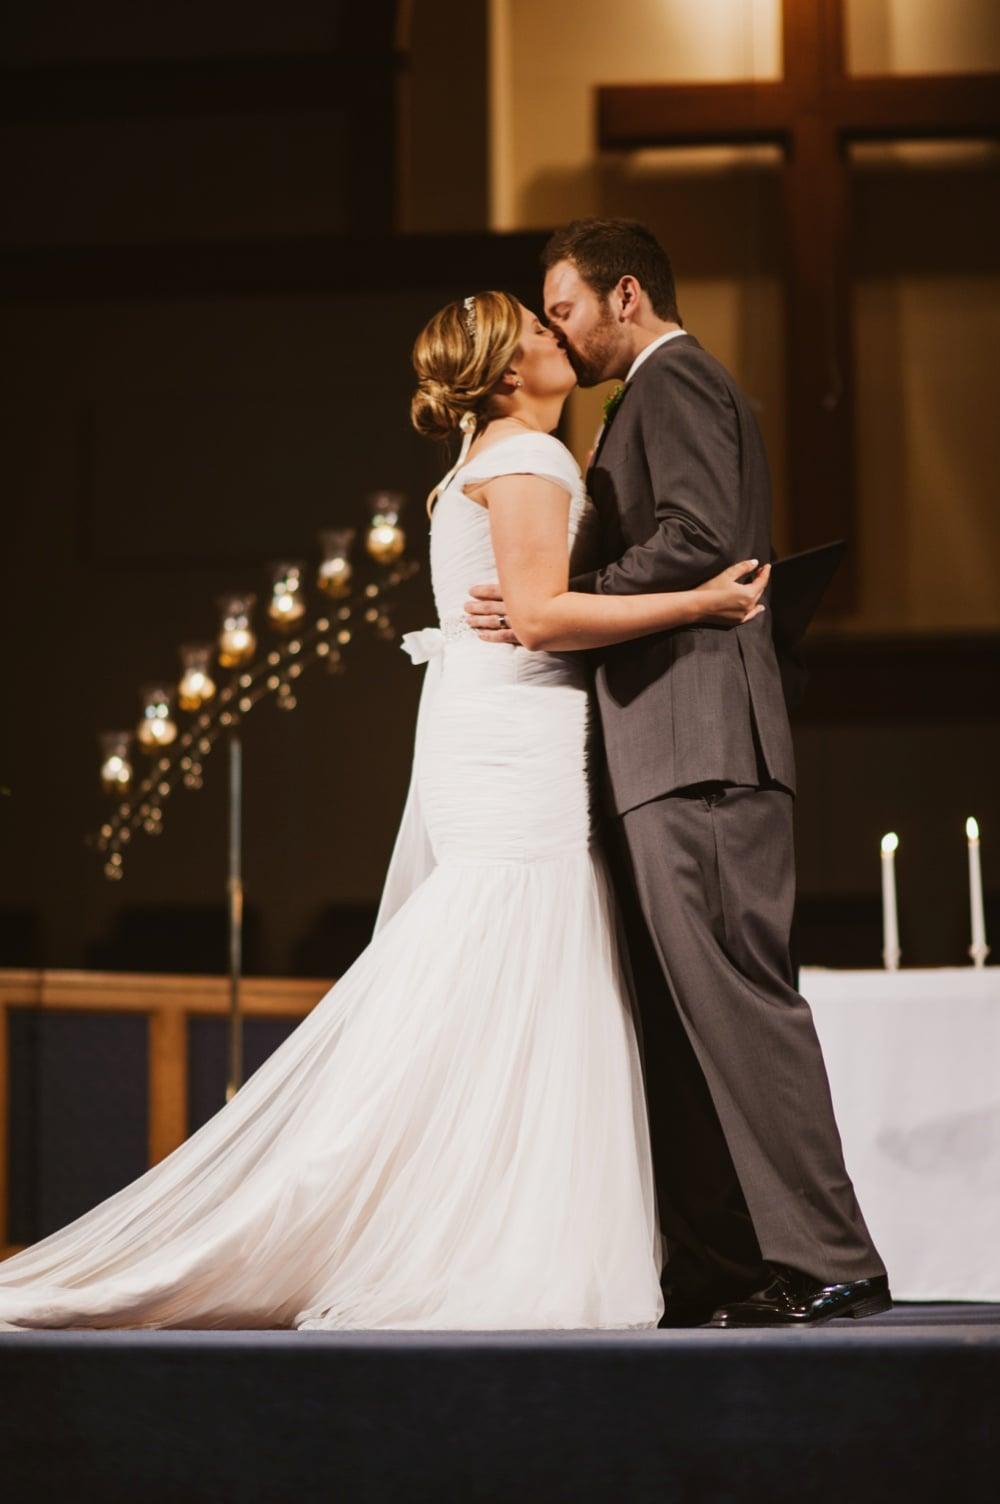 St-Louis-Rustic-Winter-Wedding_0352.jpg